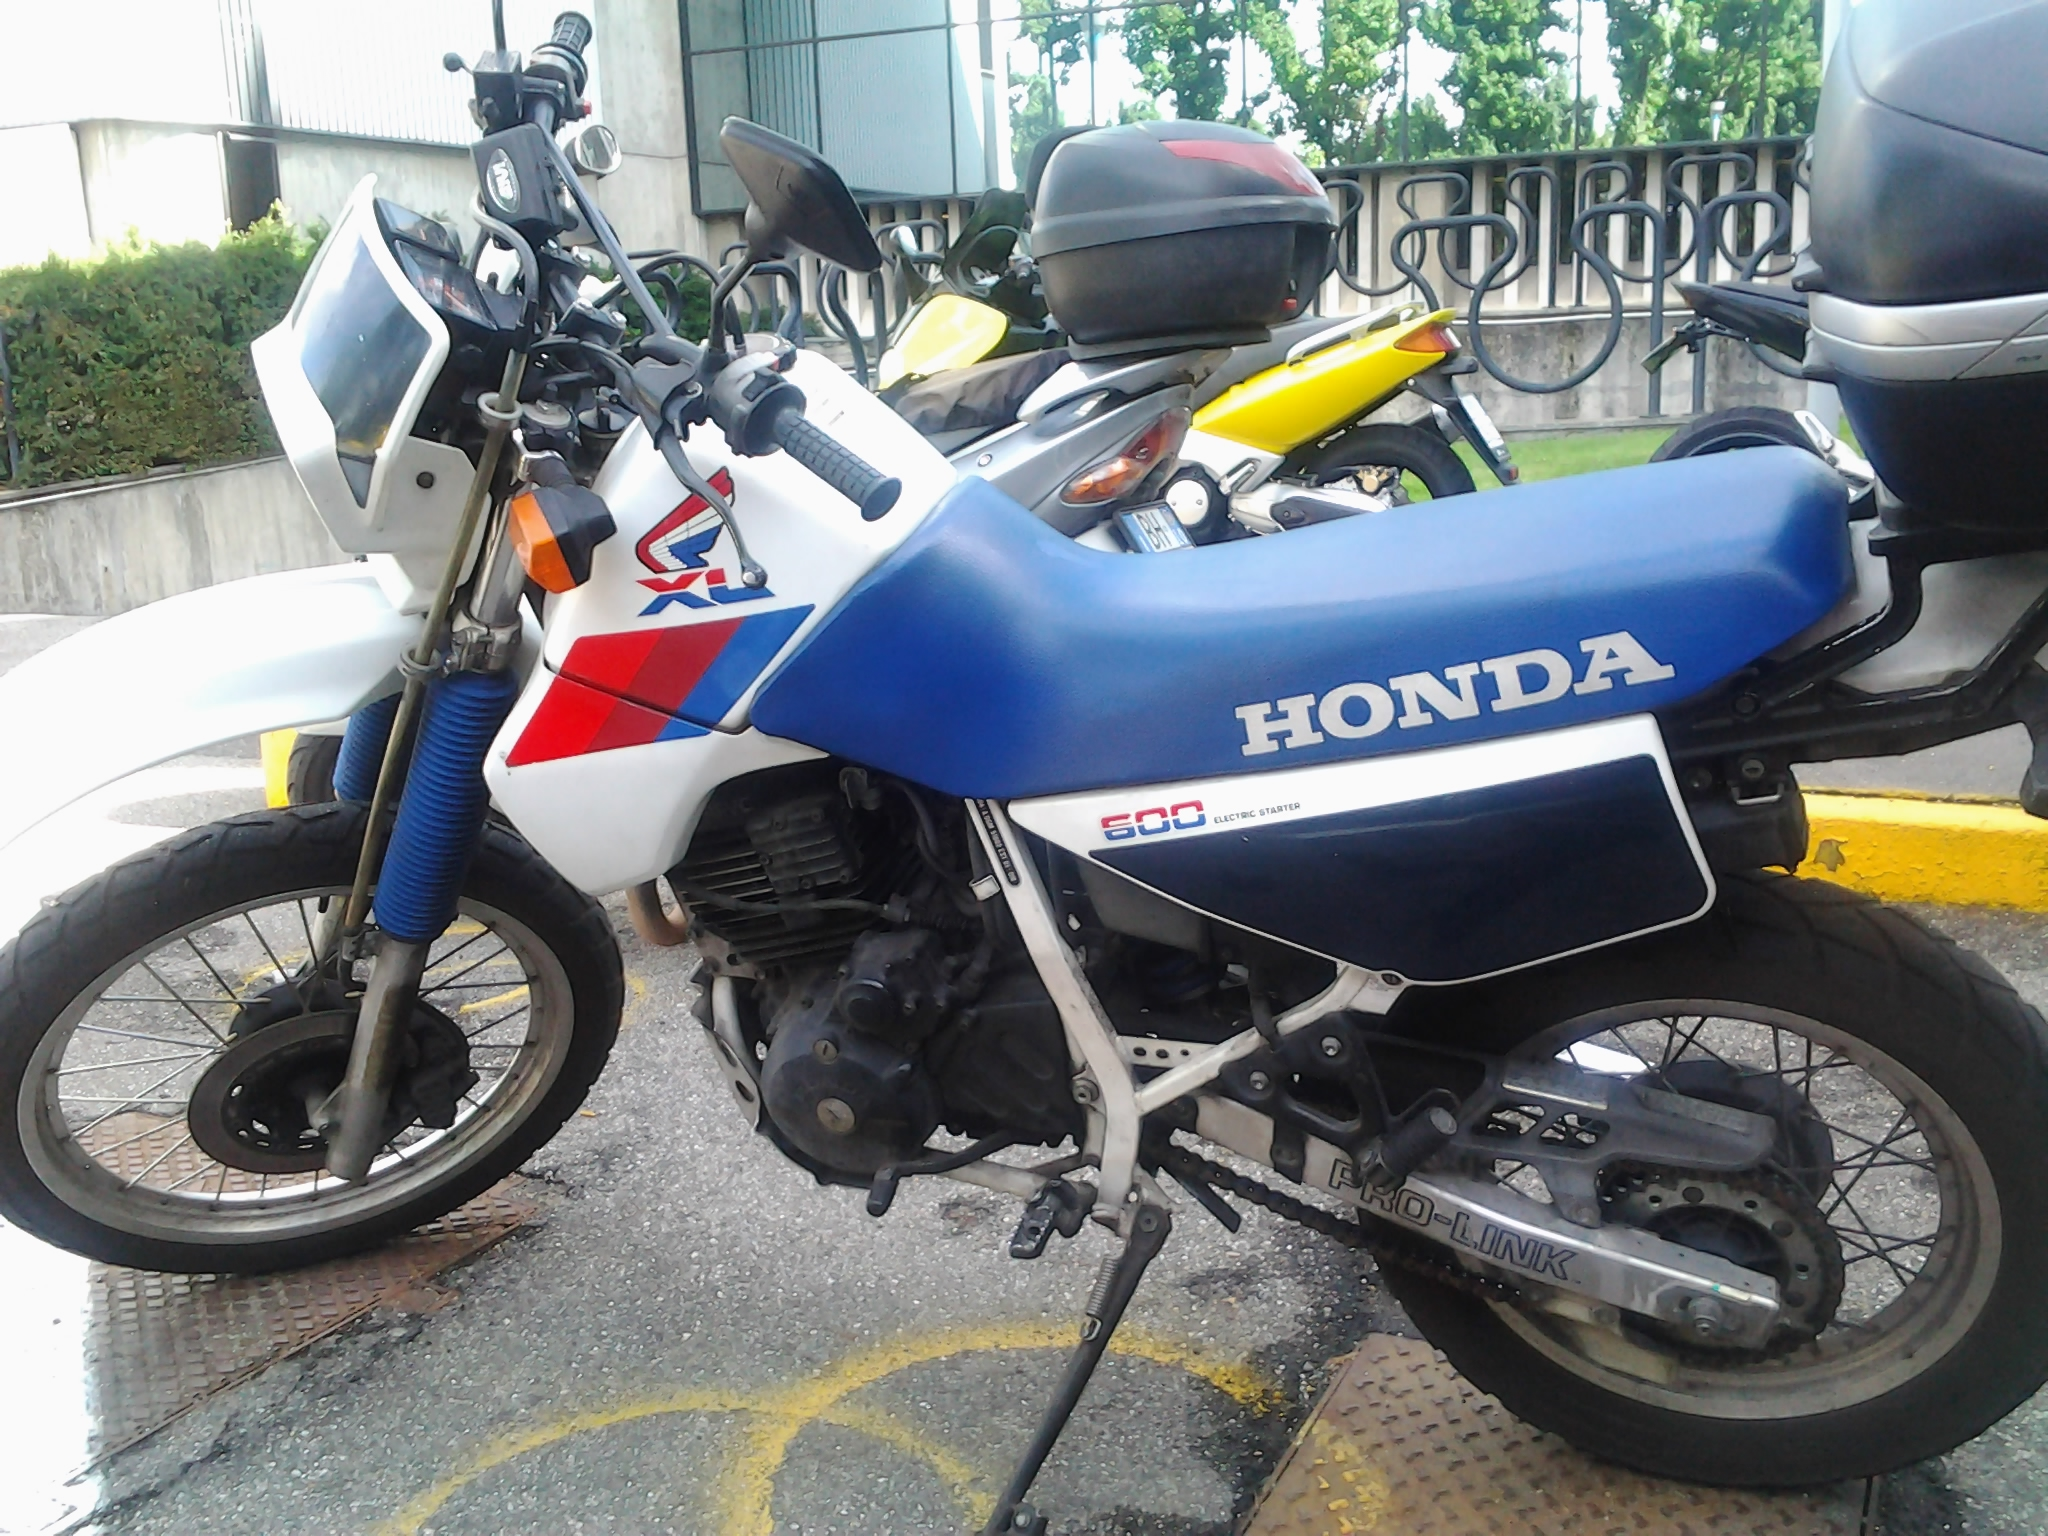 Schema Elettrico Honda Hornet 600 : Schema elettrico honda xl fare di una mosca